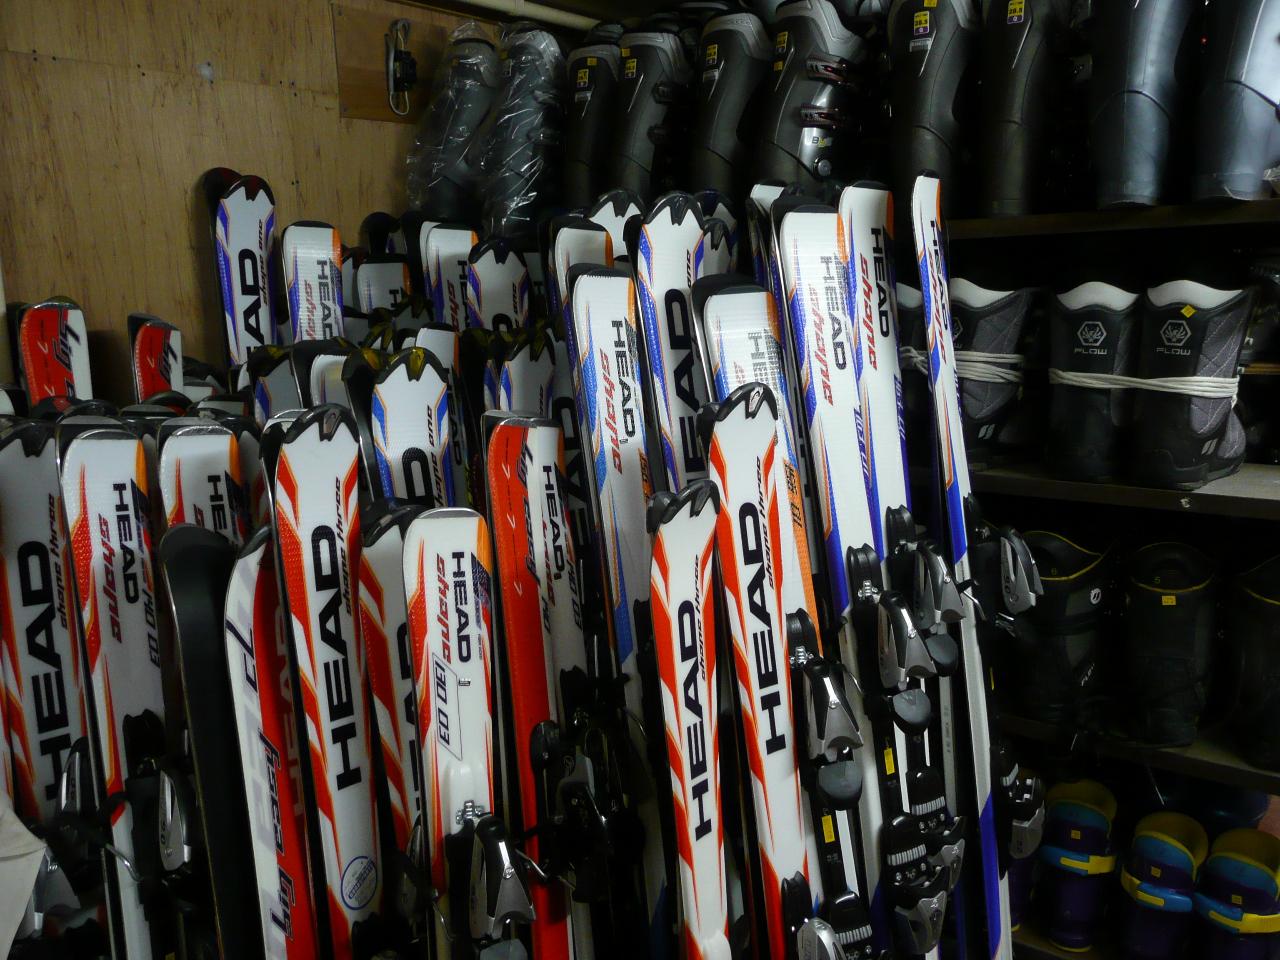 【蔵王温泉スキー場】スキー・スノーボードレンタル センタープラザ店